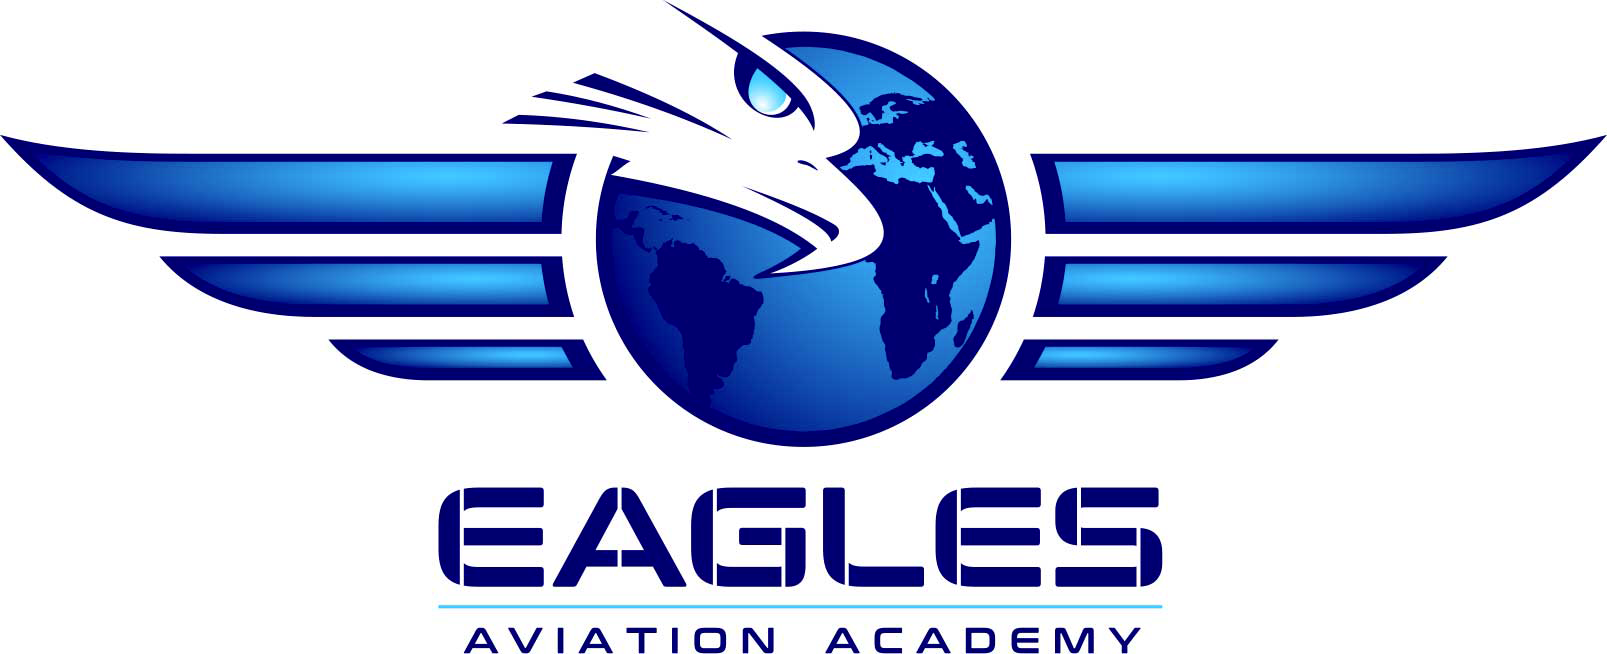 EAGLES AVIATION ACADEMY - SCUOLA DI VOLO ITALIA